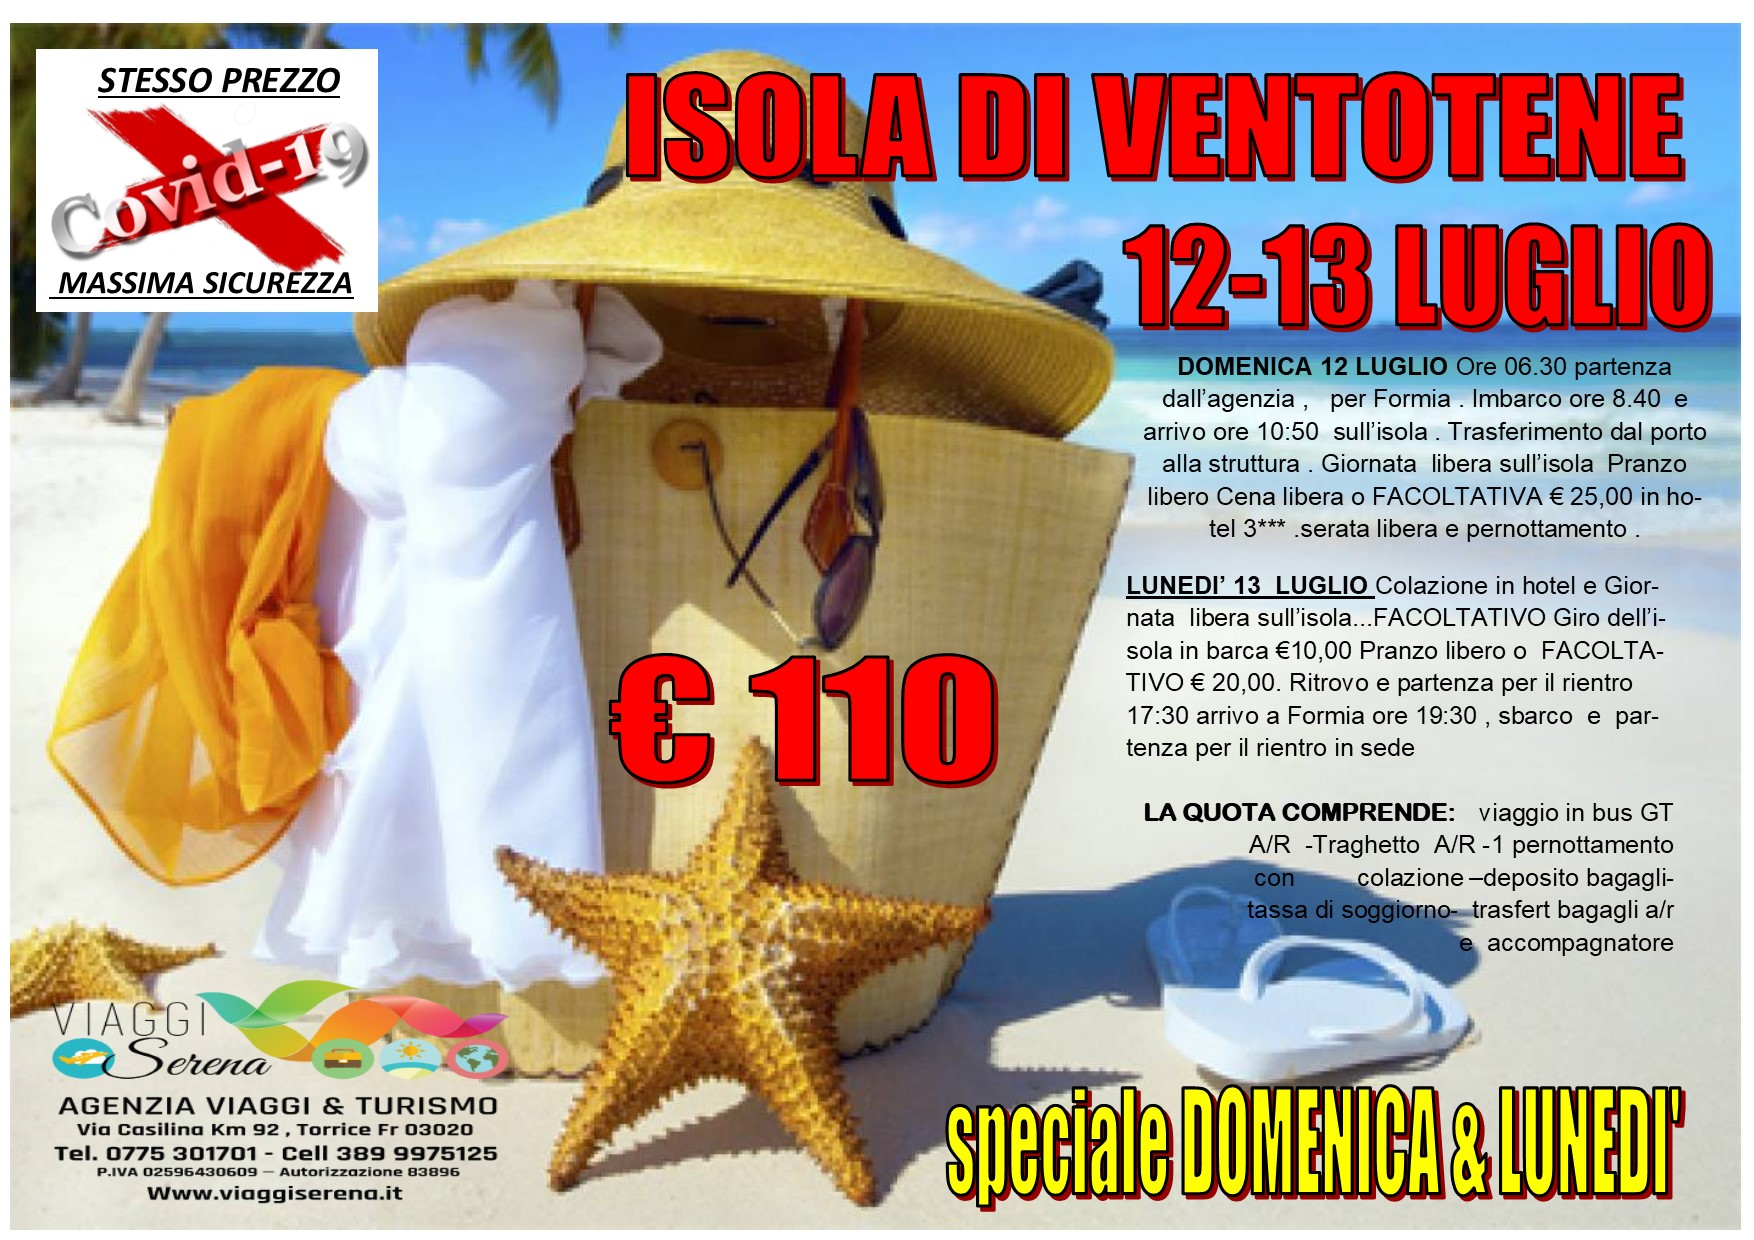 Viaggi di Gruppo: Isola di VENTOTENE 12-13 Luglio €110,00